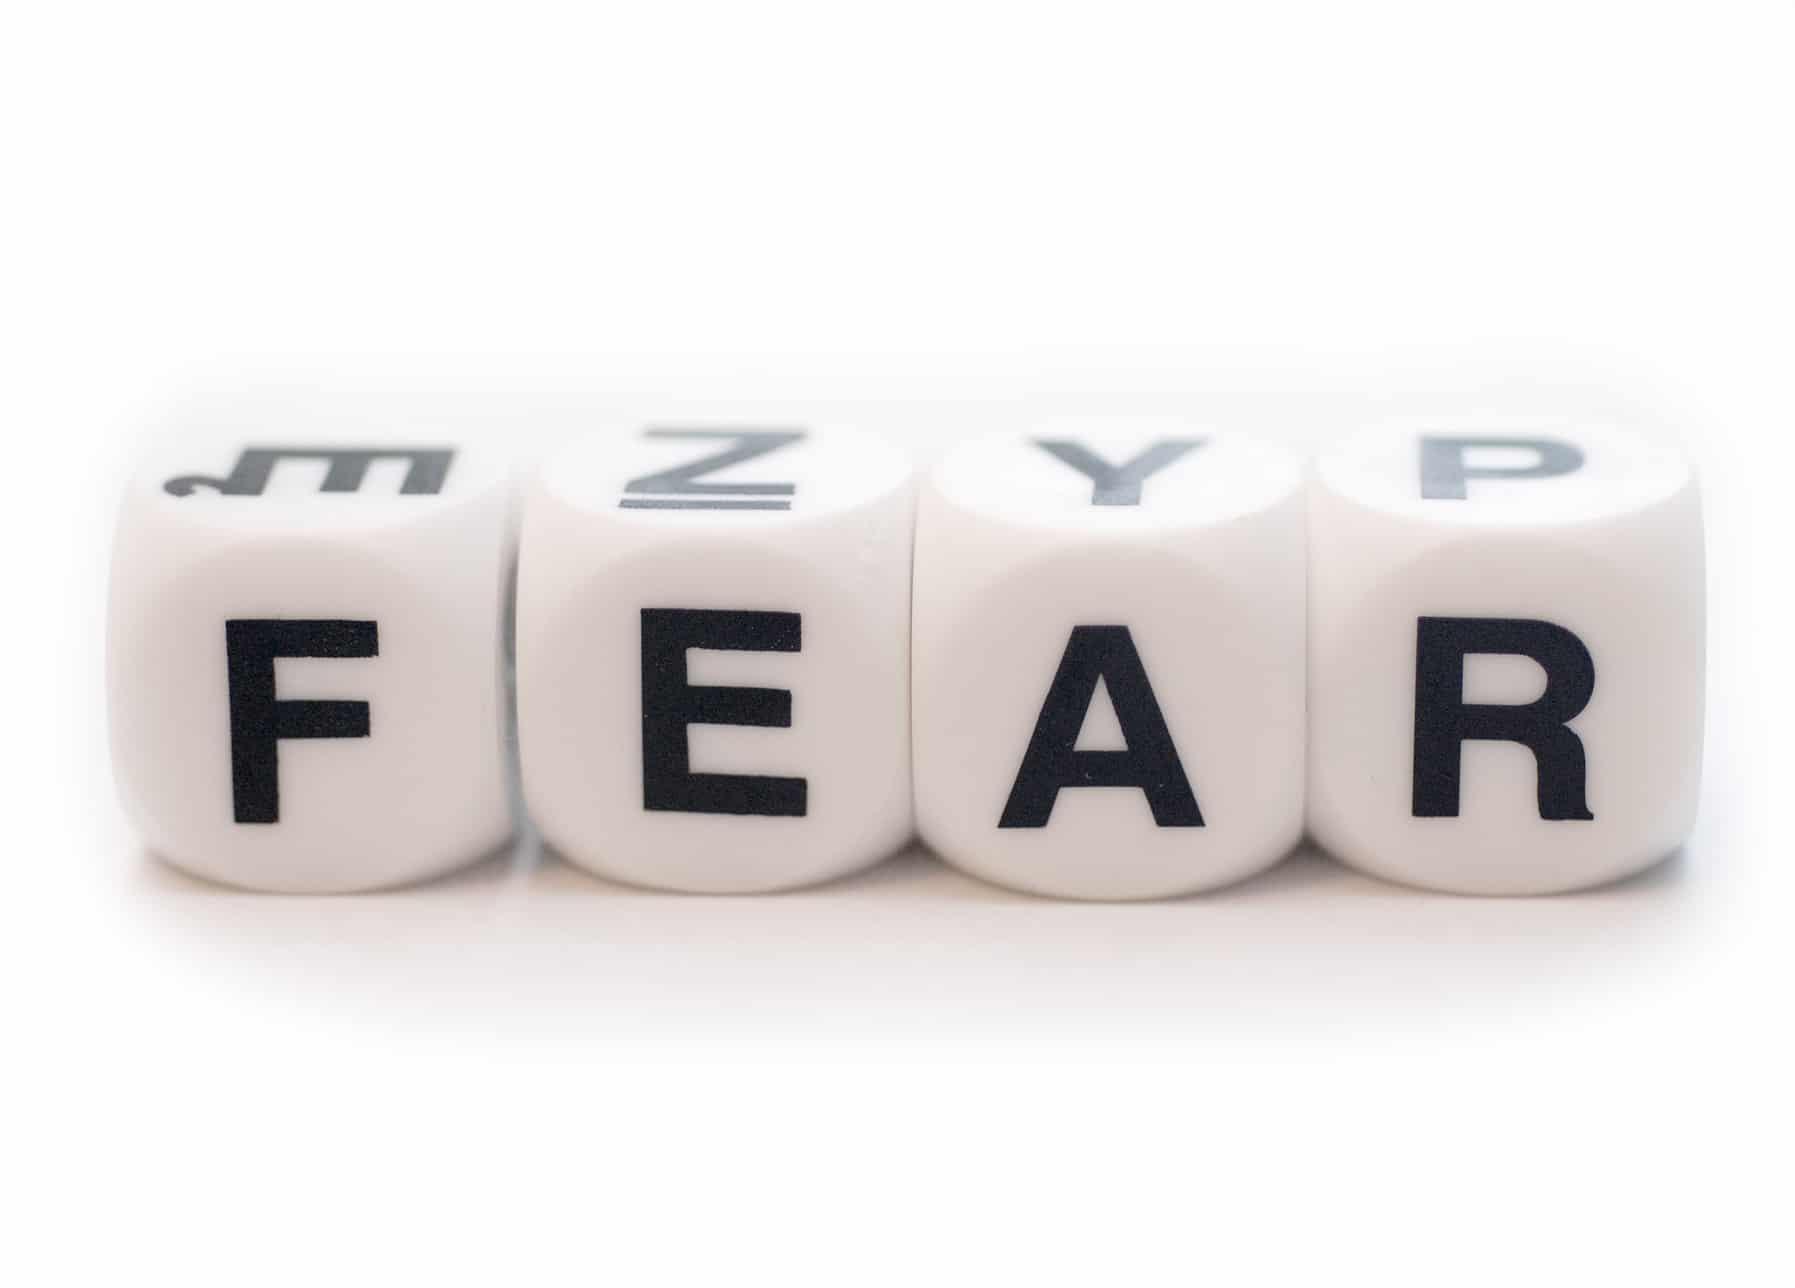 Fear Of Air Travel